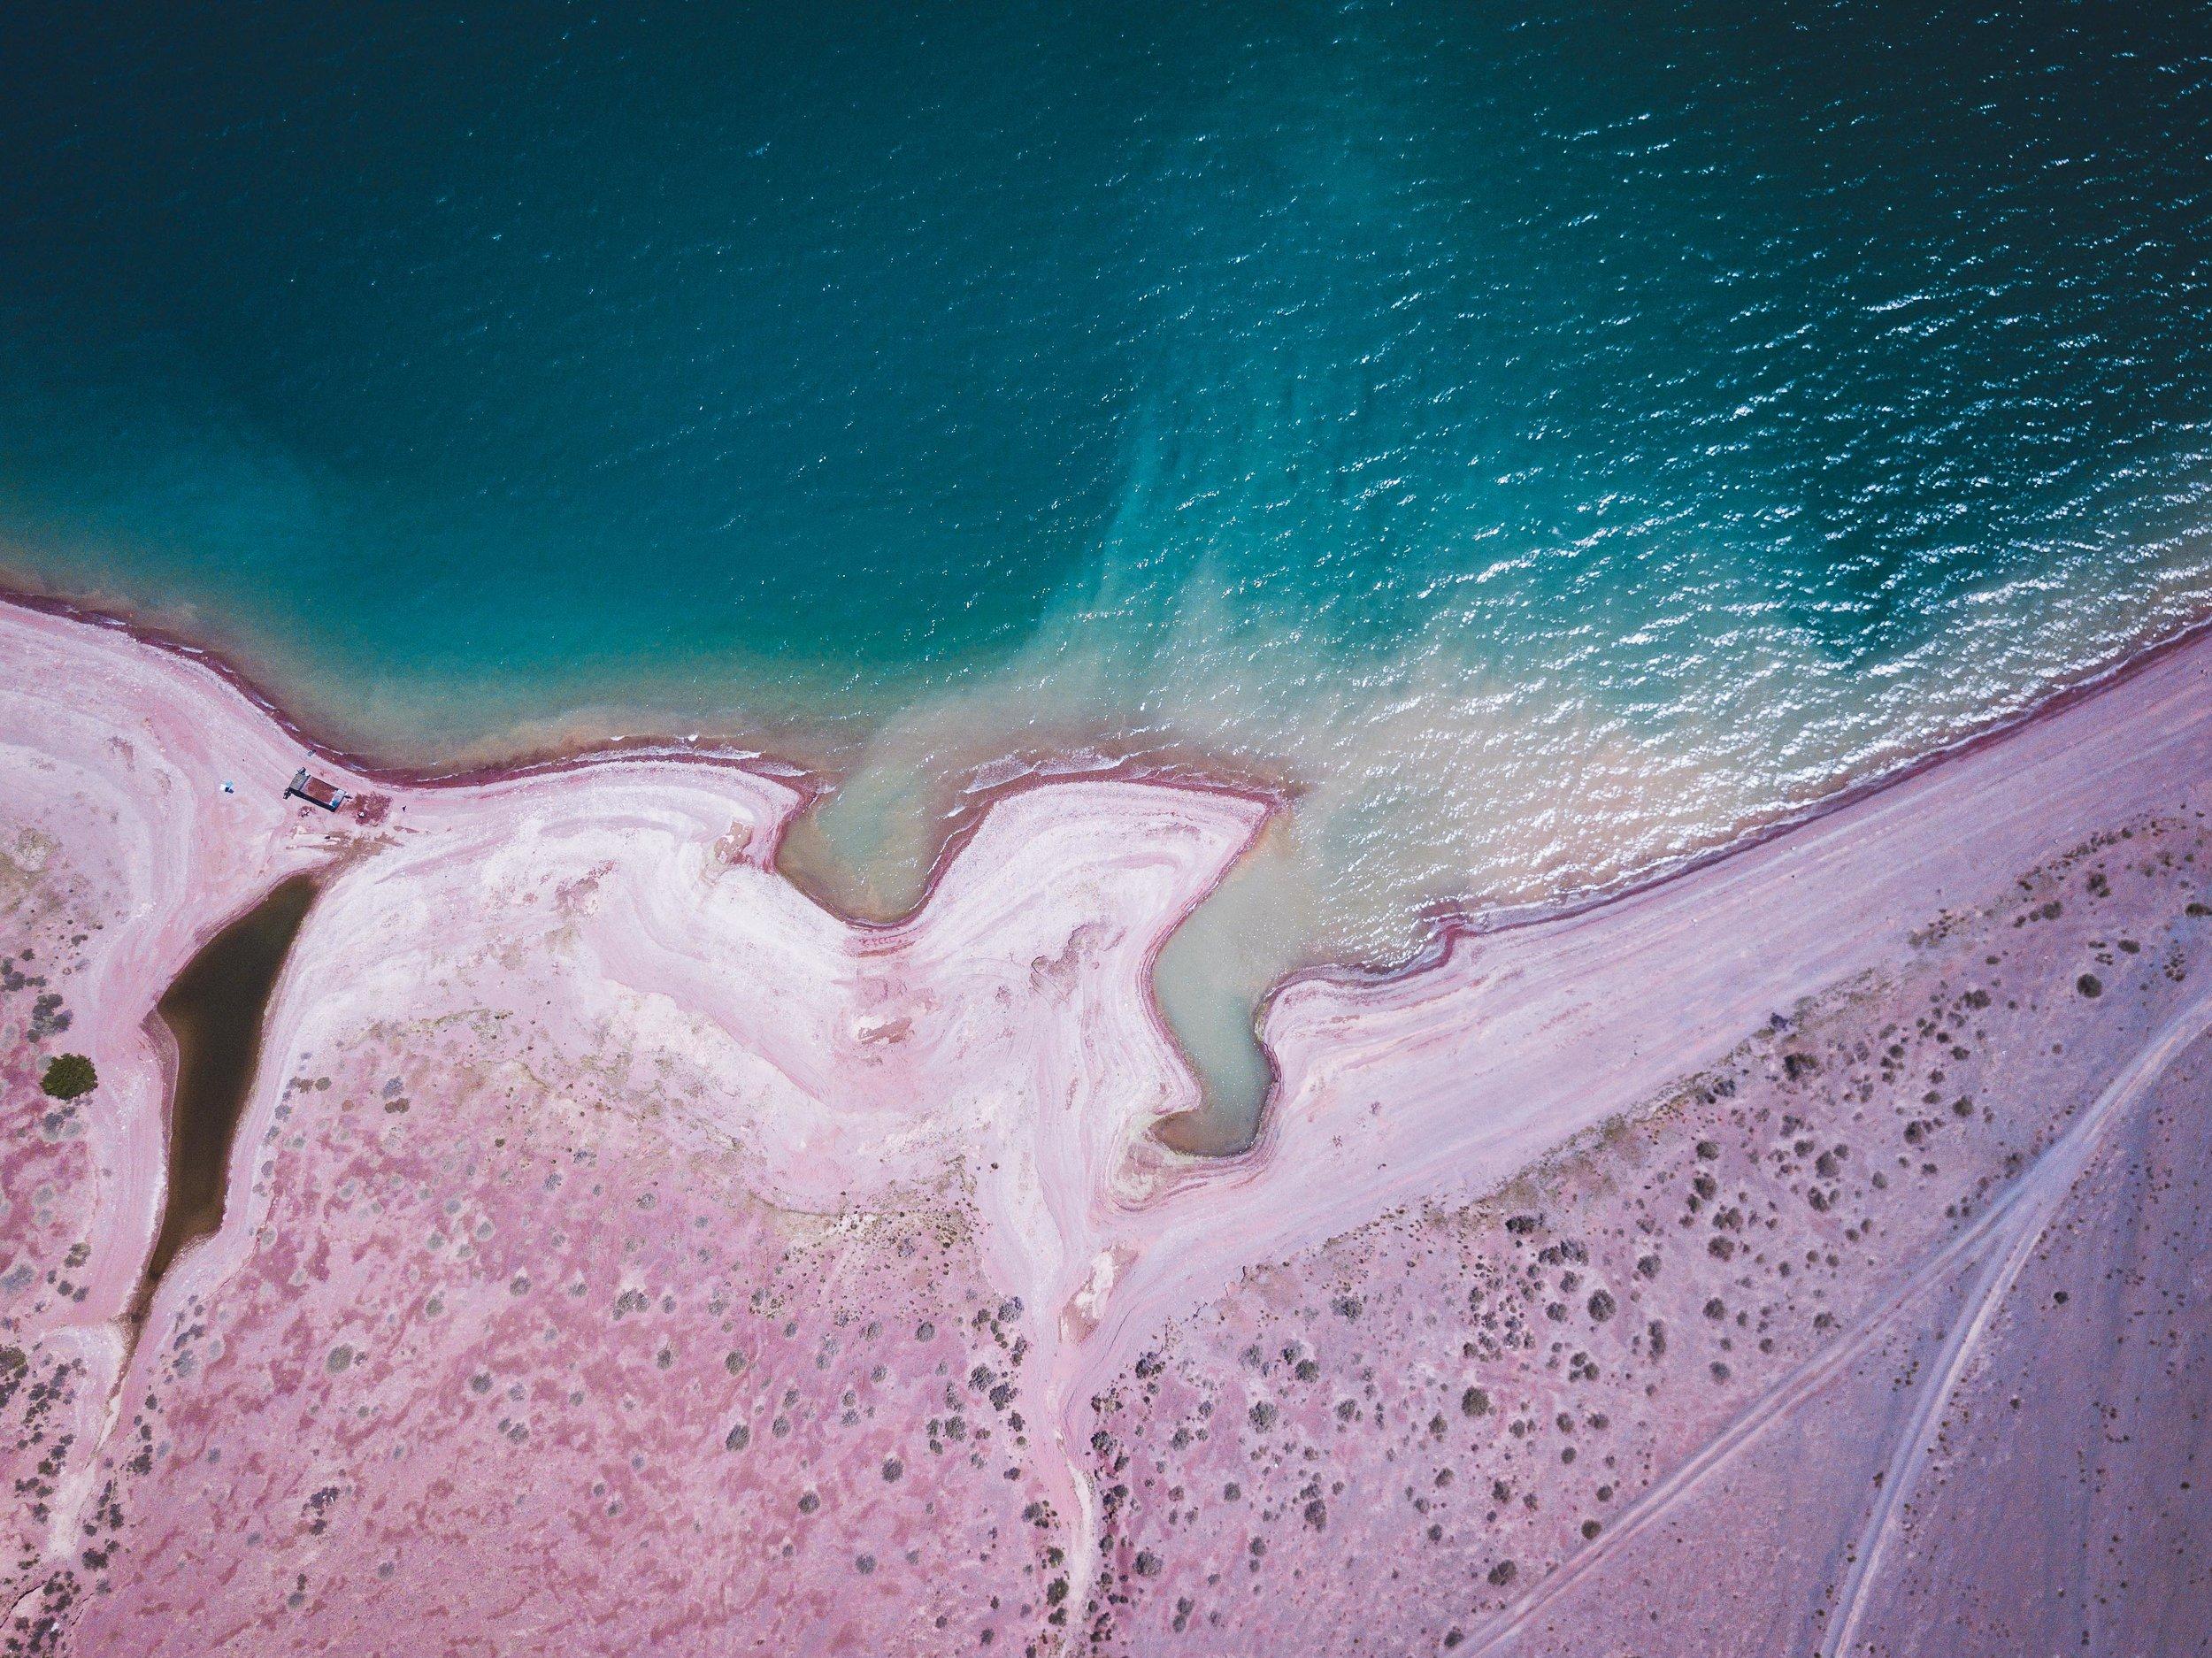 Orto-Tokoy Reserve - Large salt lake formed in the desert. Photo: Matt Horspool.